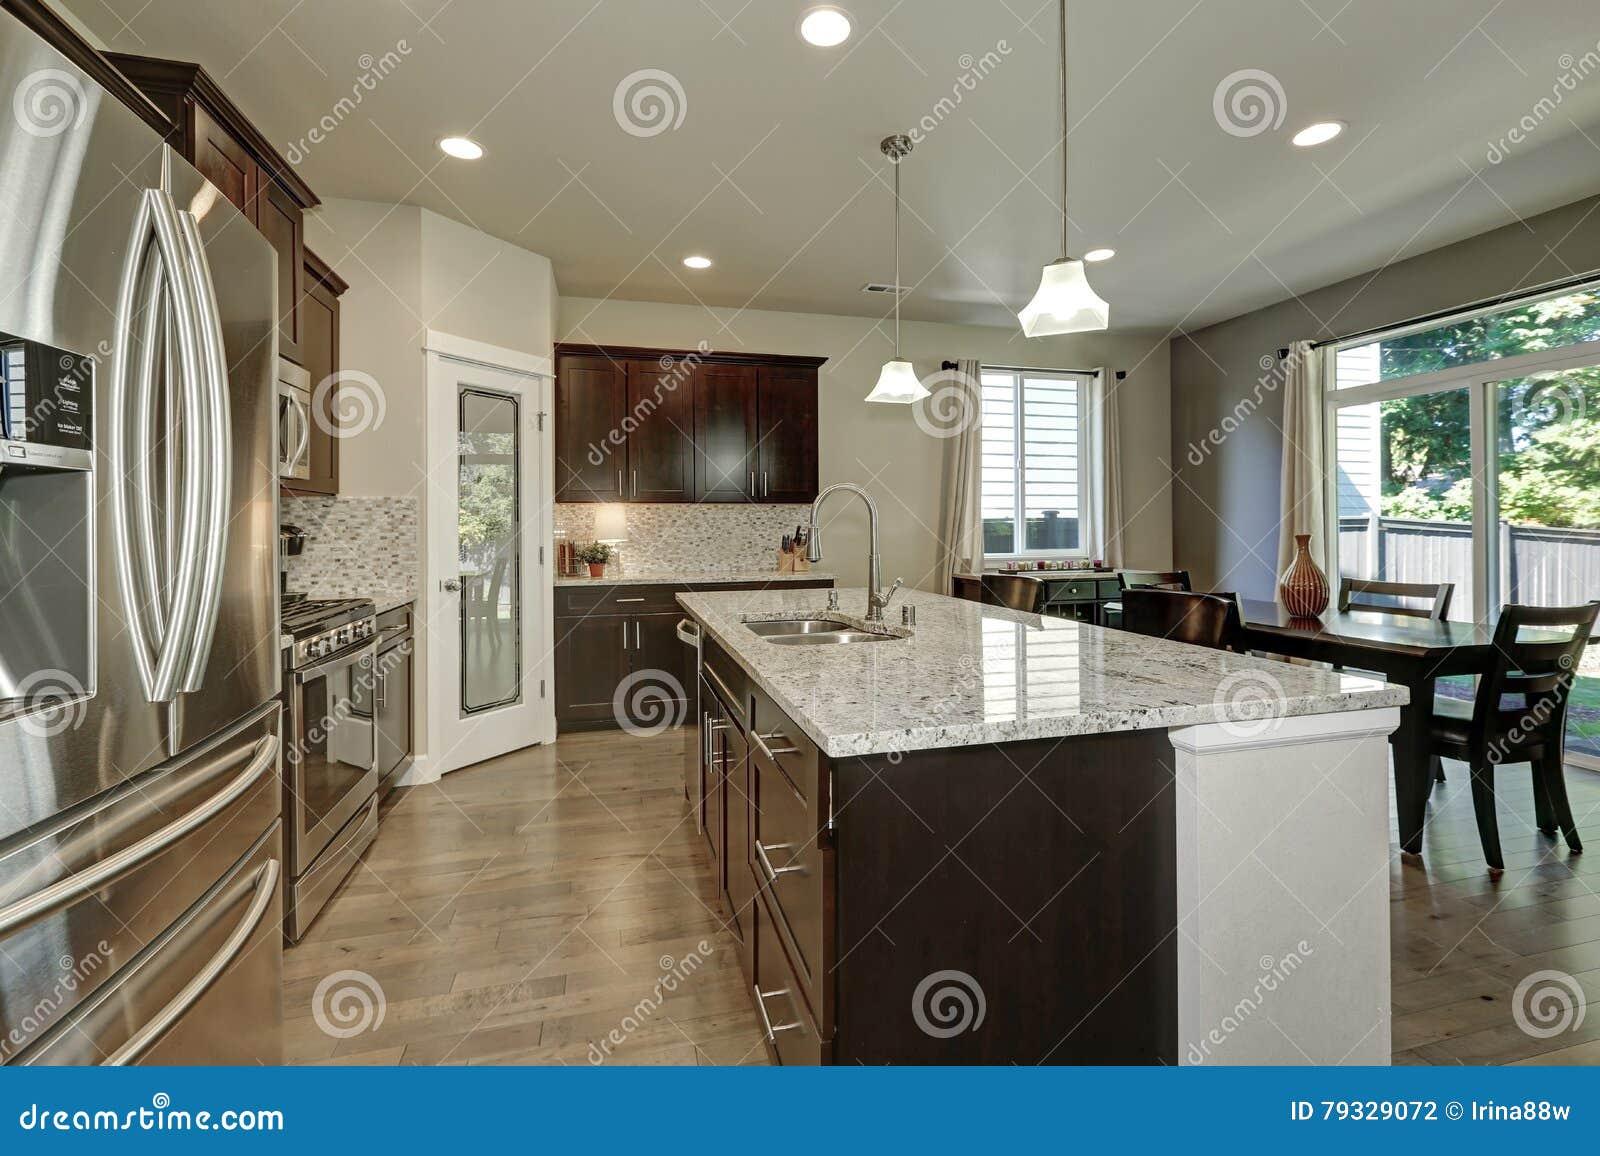 Große Kücheninsel In Der Modernen Großraumküche Stockfoto - Bild von ...